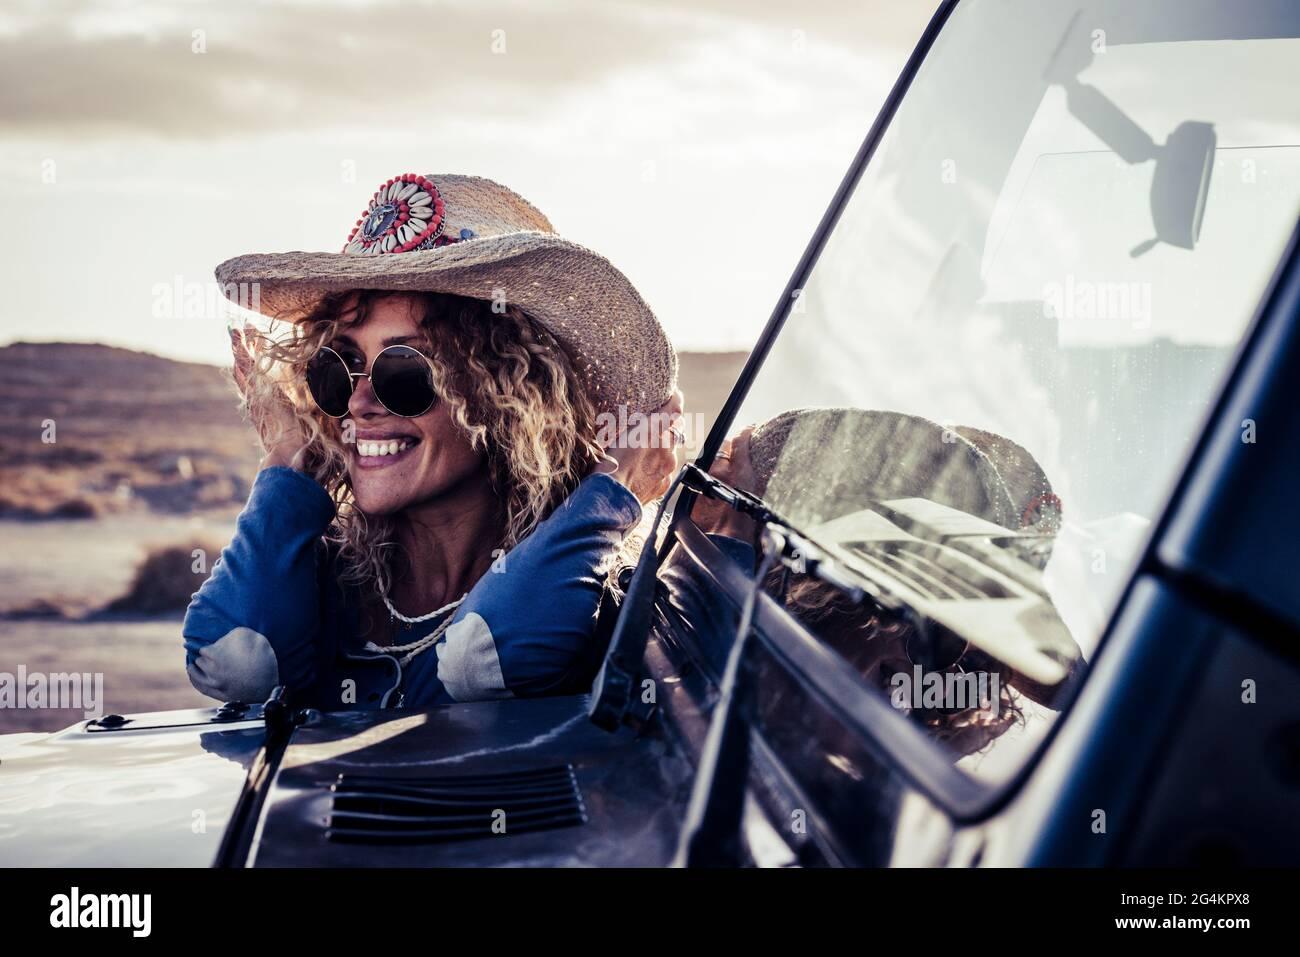 Tendance blonde attrayante jeune femme adulte sourire et profiter du voyage en voiture dans la campagne aventure - les femmes ont du plaisir pendant le voyage en véhicule Banque D'Images